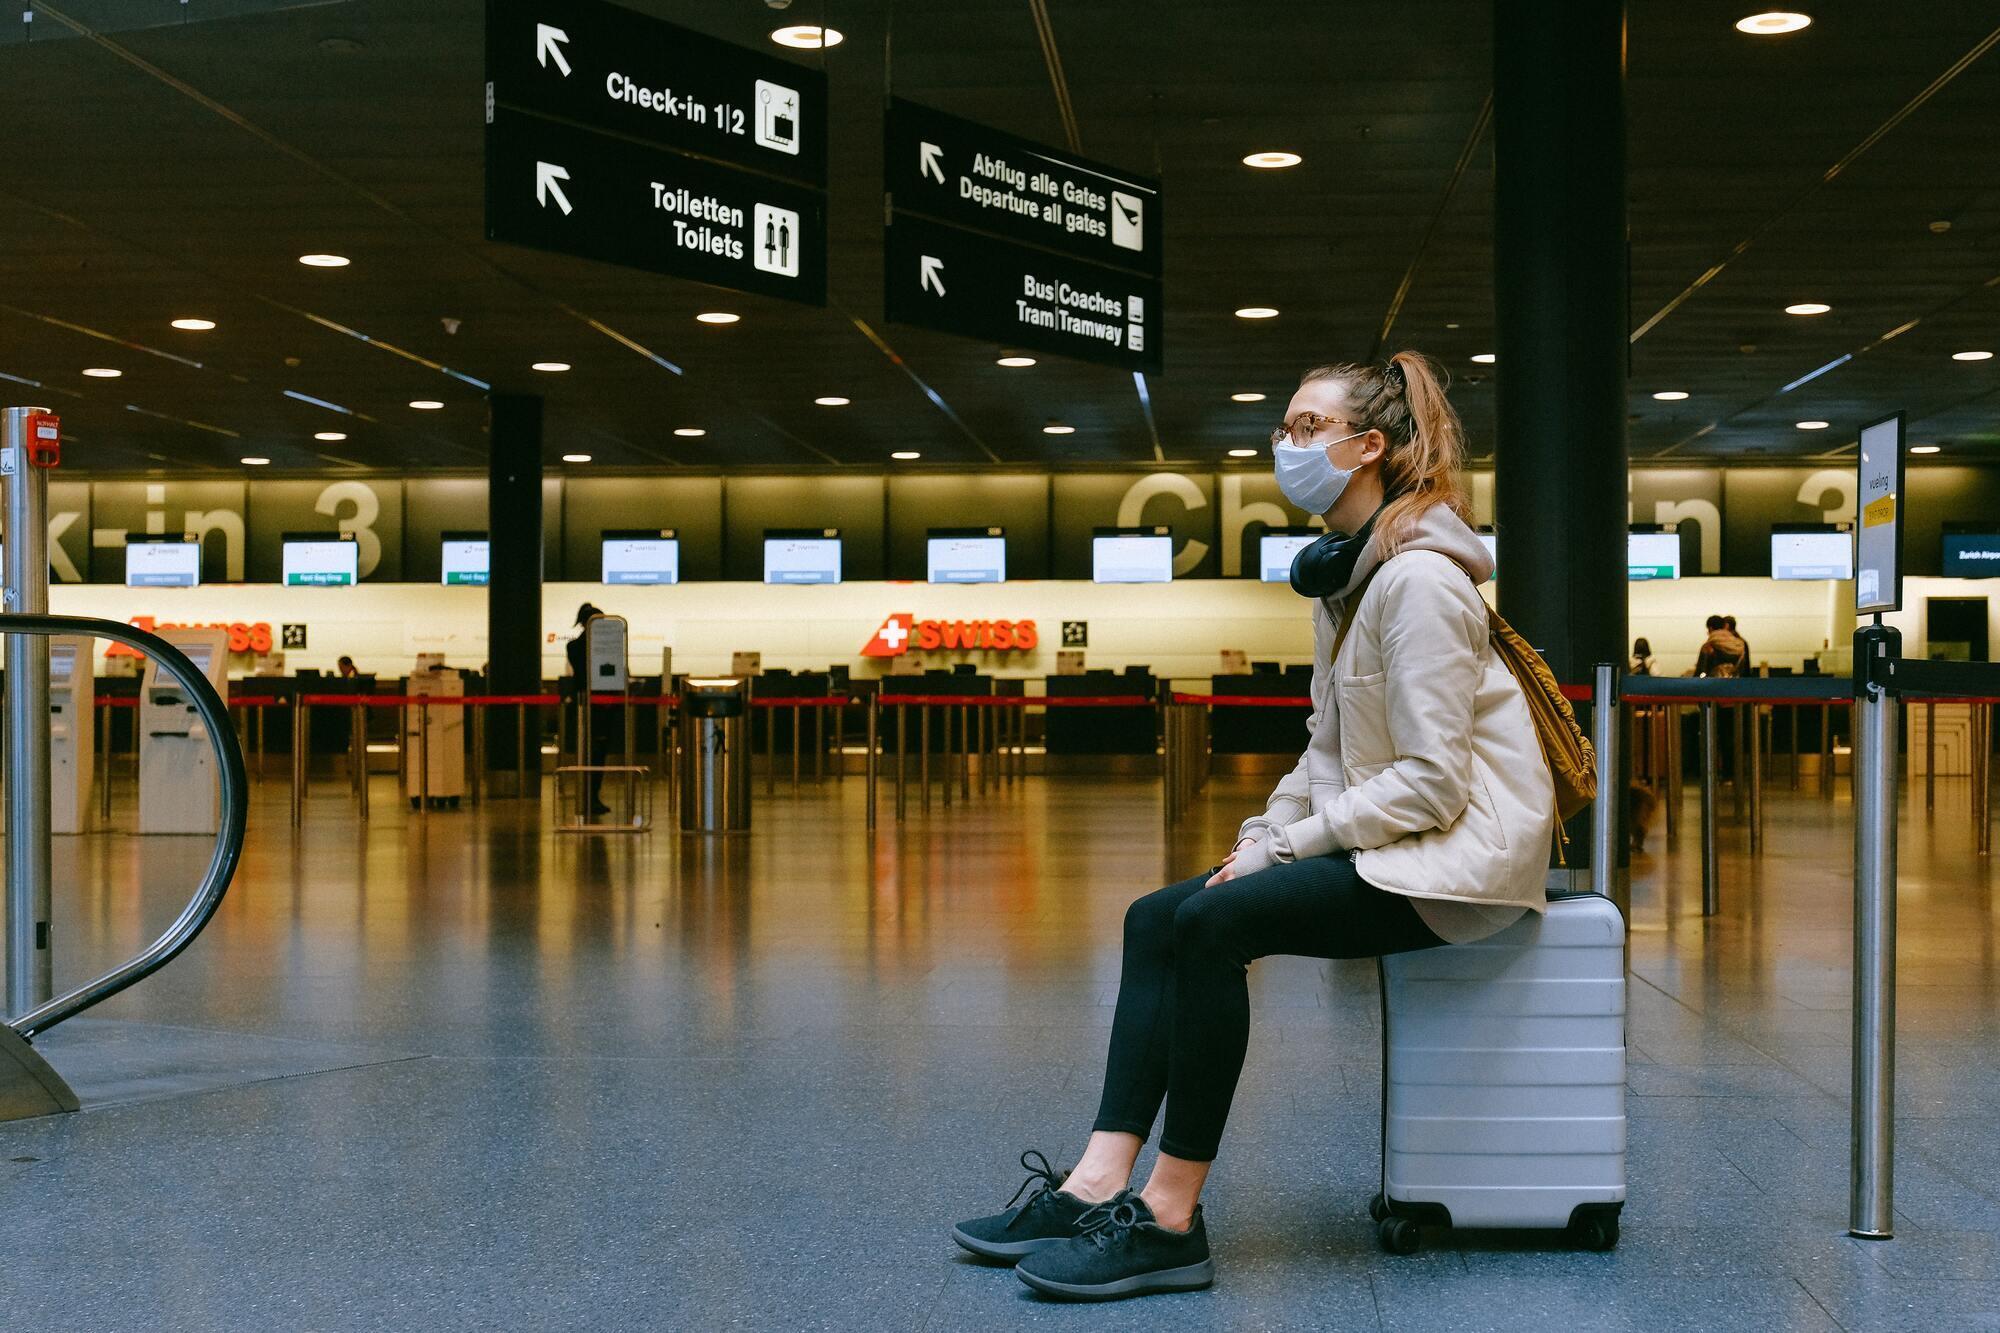 За зберігання багажу, якщо рейс не затримується, потрібно платити